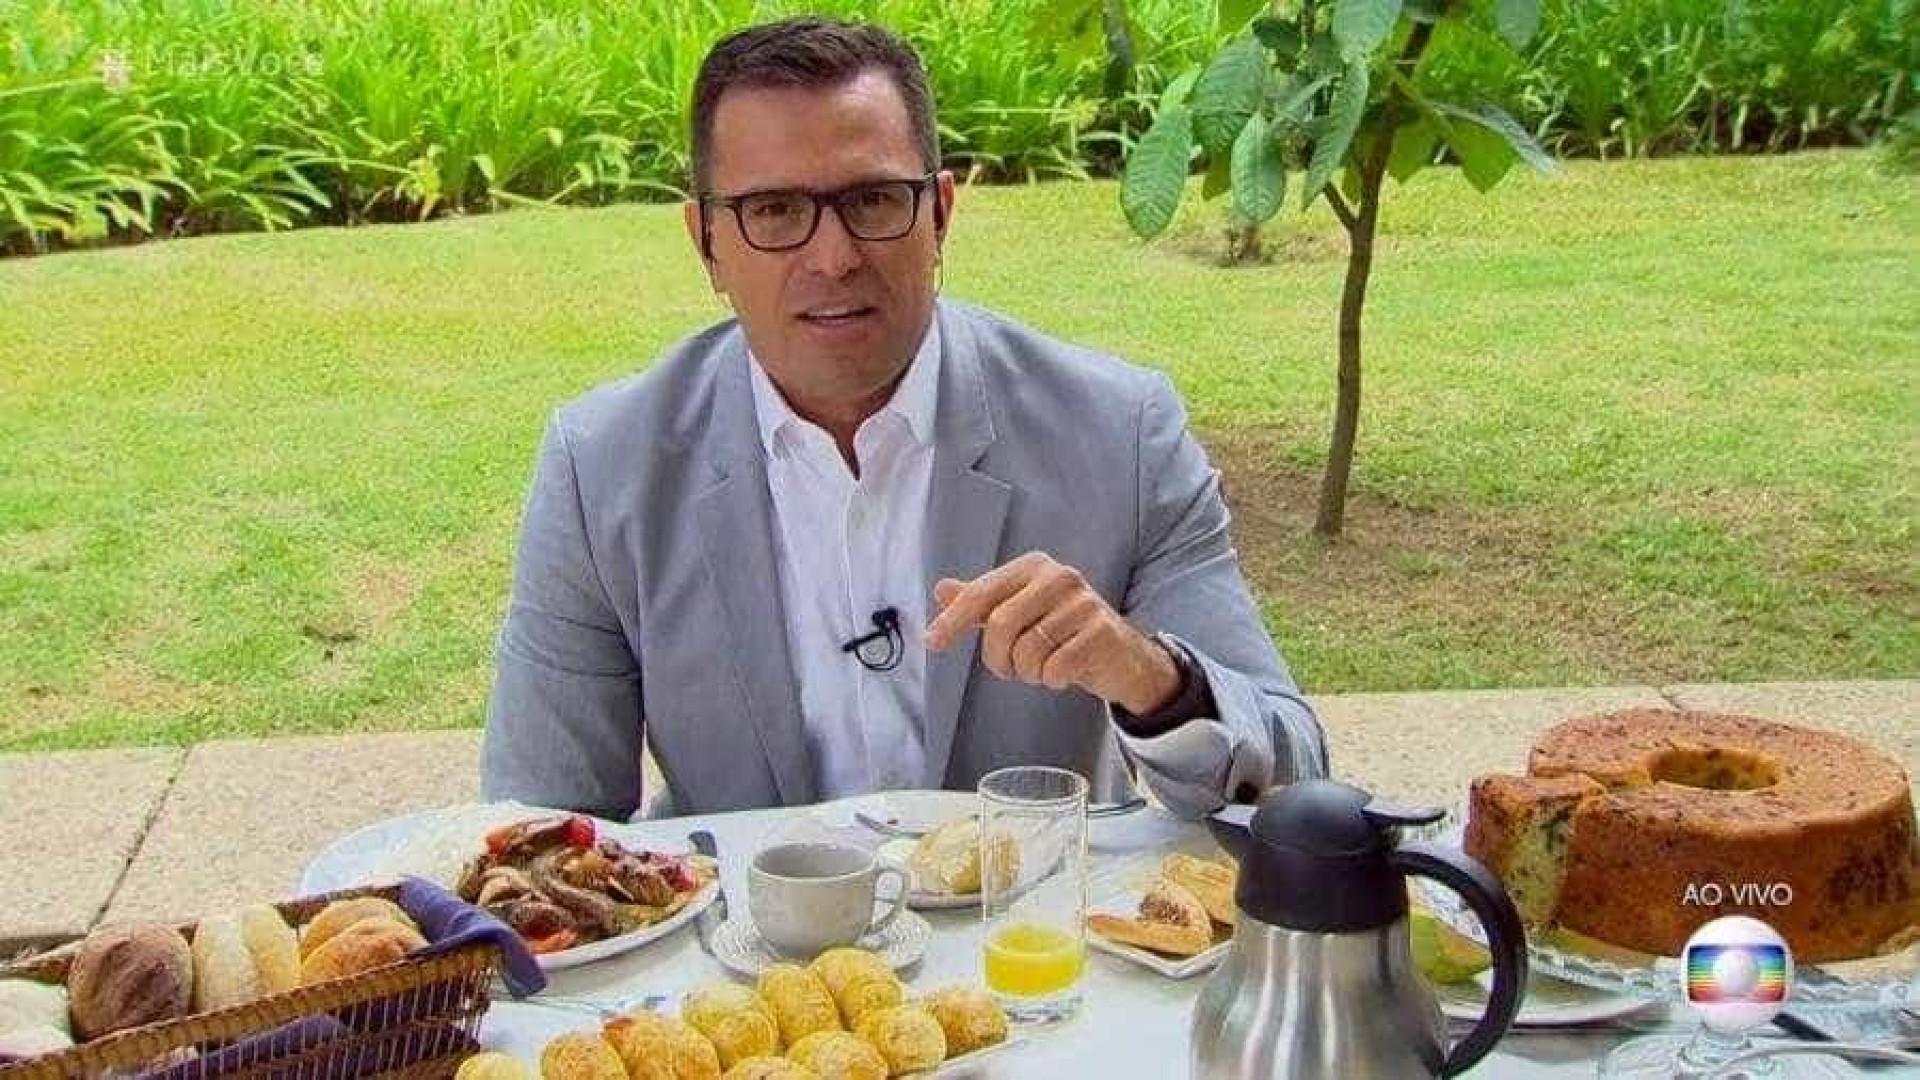 Apresentador da Globo diz que pensou em desistir após críticas: 'Robô'